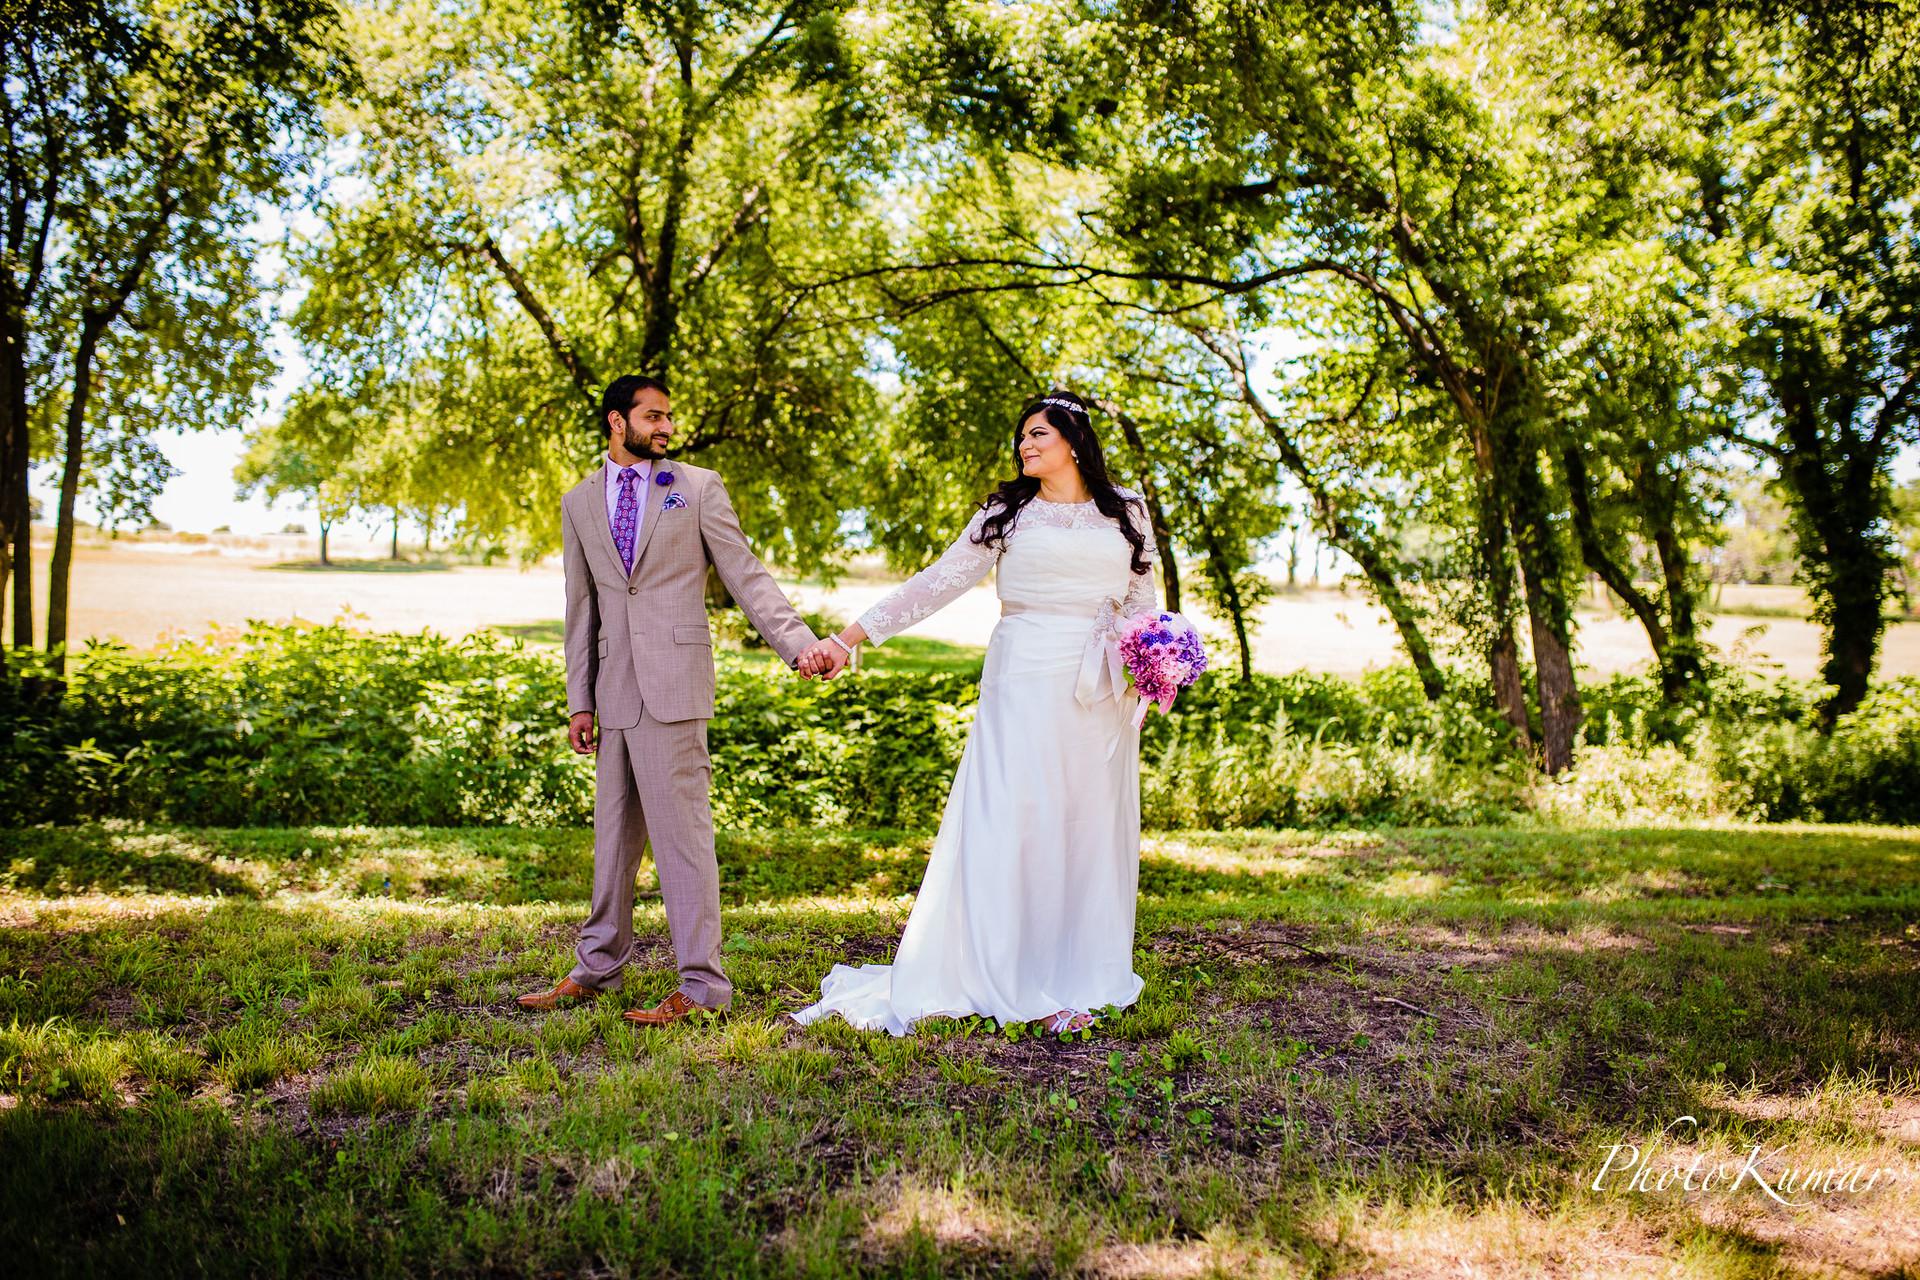 PhotoKumar-Anna and Riyaz-40.jpg